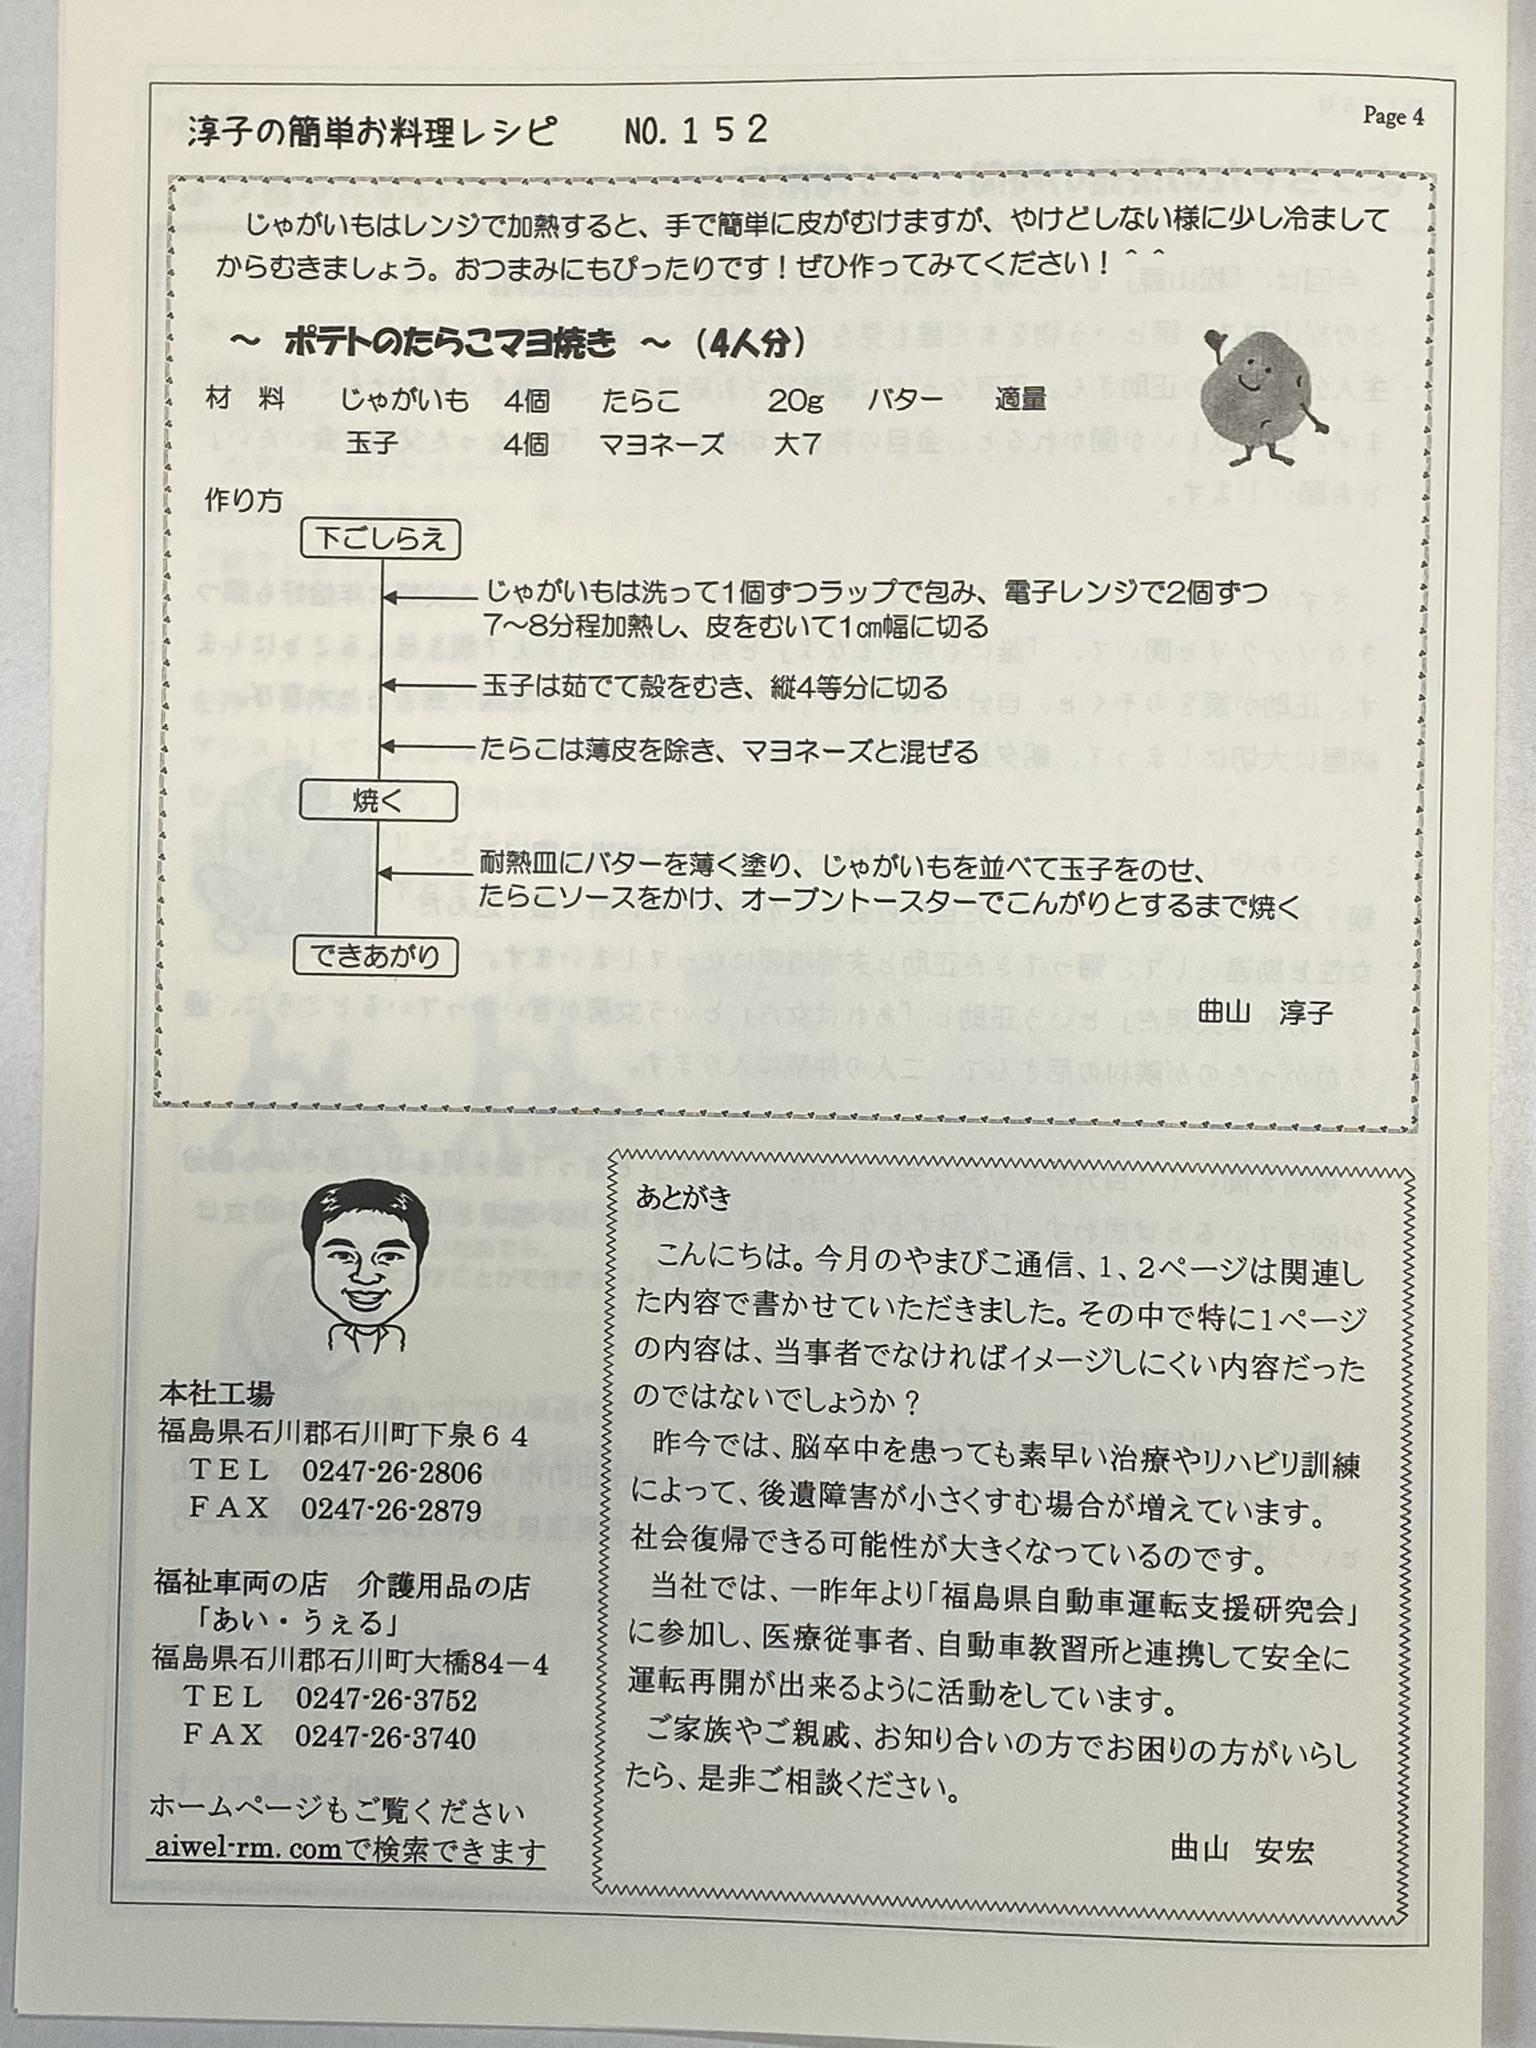 アイウェル ニュースレター 155号 ④